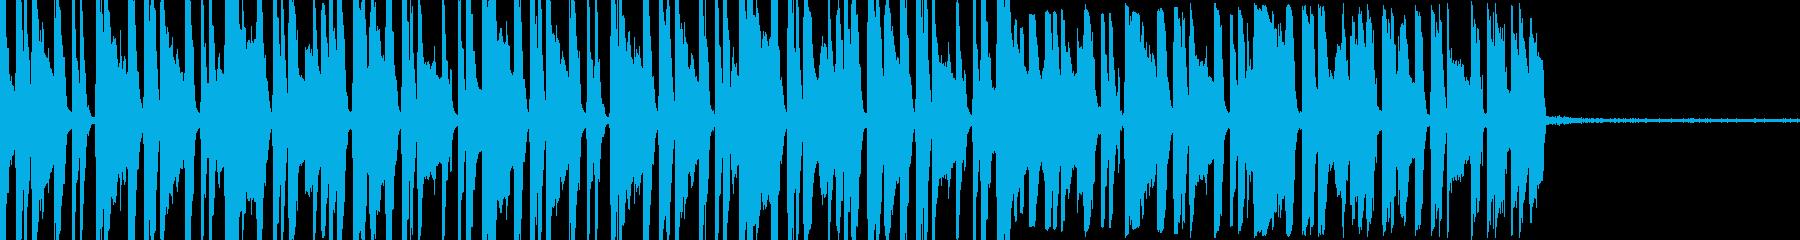 ブレイクビーツ レトロ アクティブ...の再生済みの波形